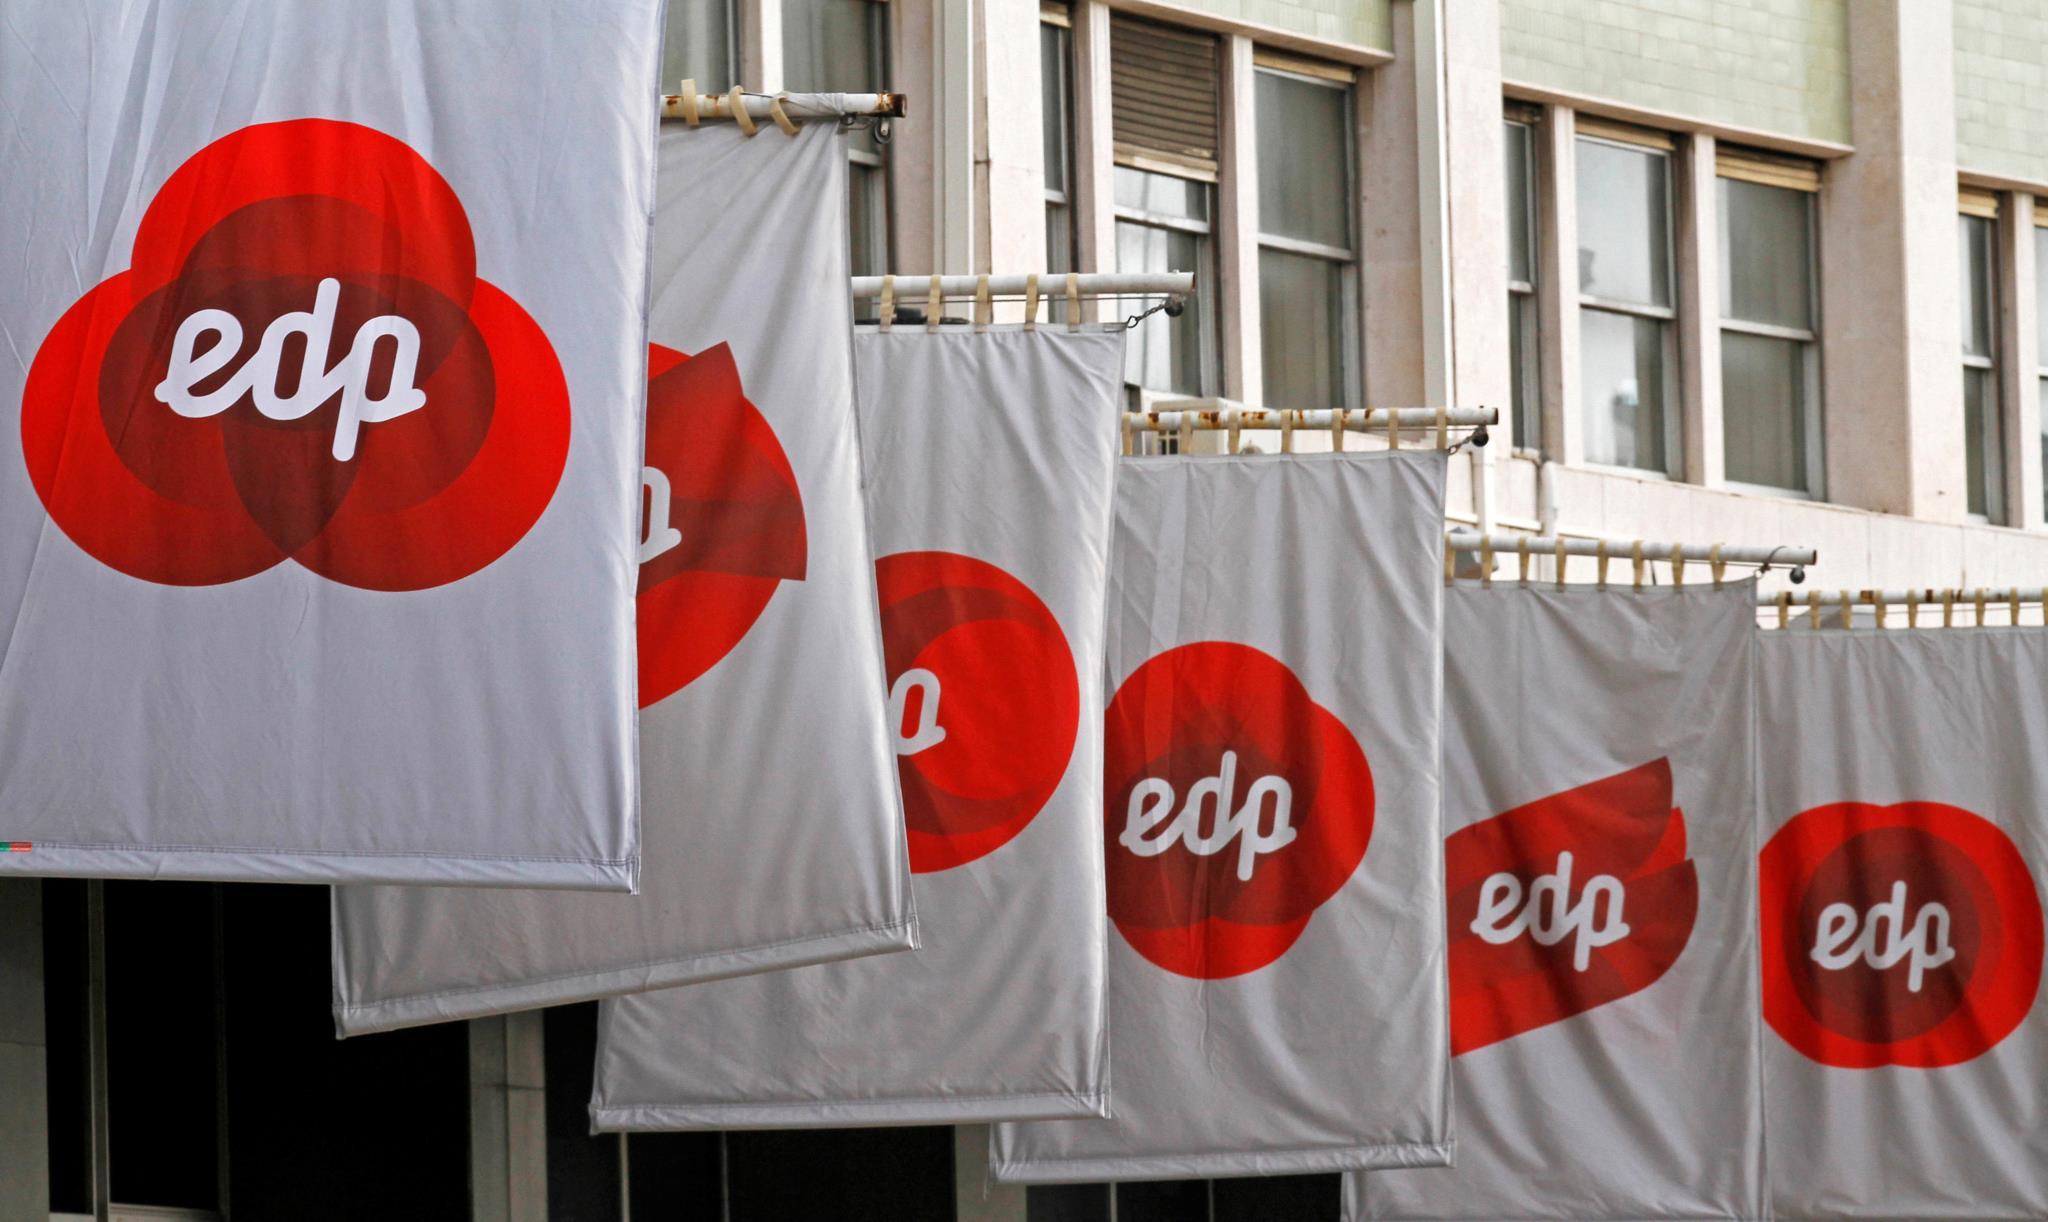 EDP Distribuição e EDP Serviço Universal obrigadas a mudar de nome